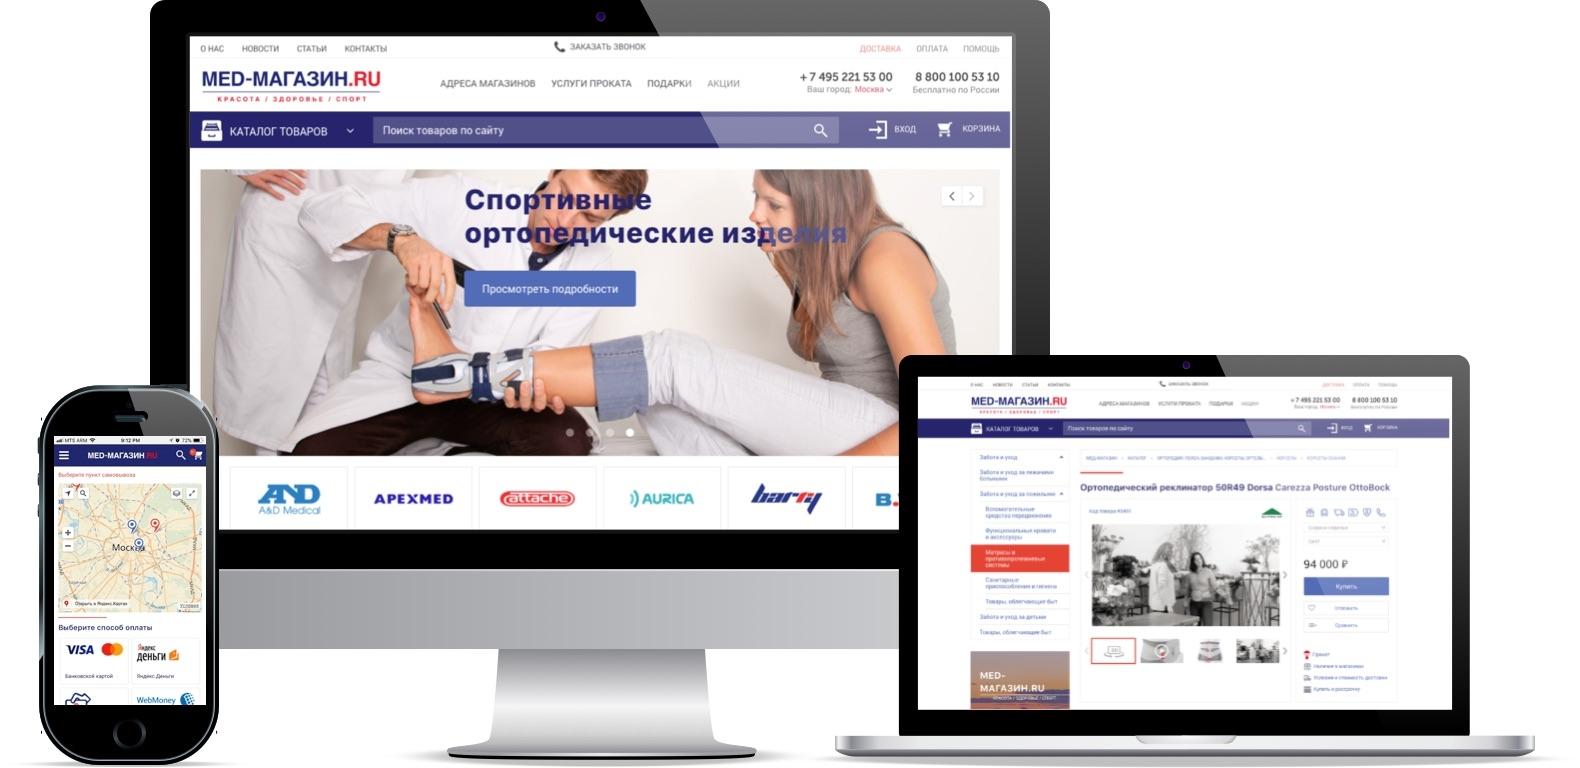 Med Magazin Ecommerce Site Design